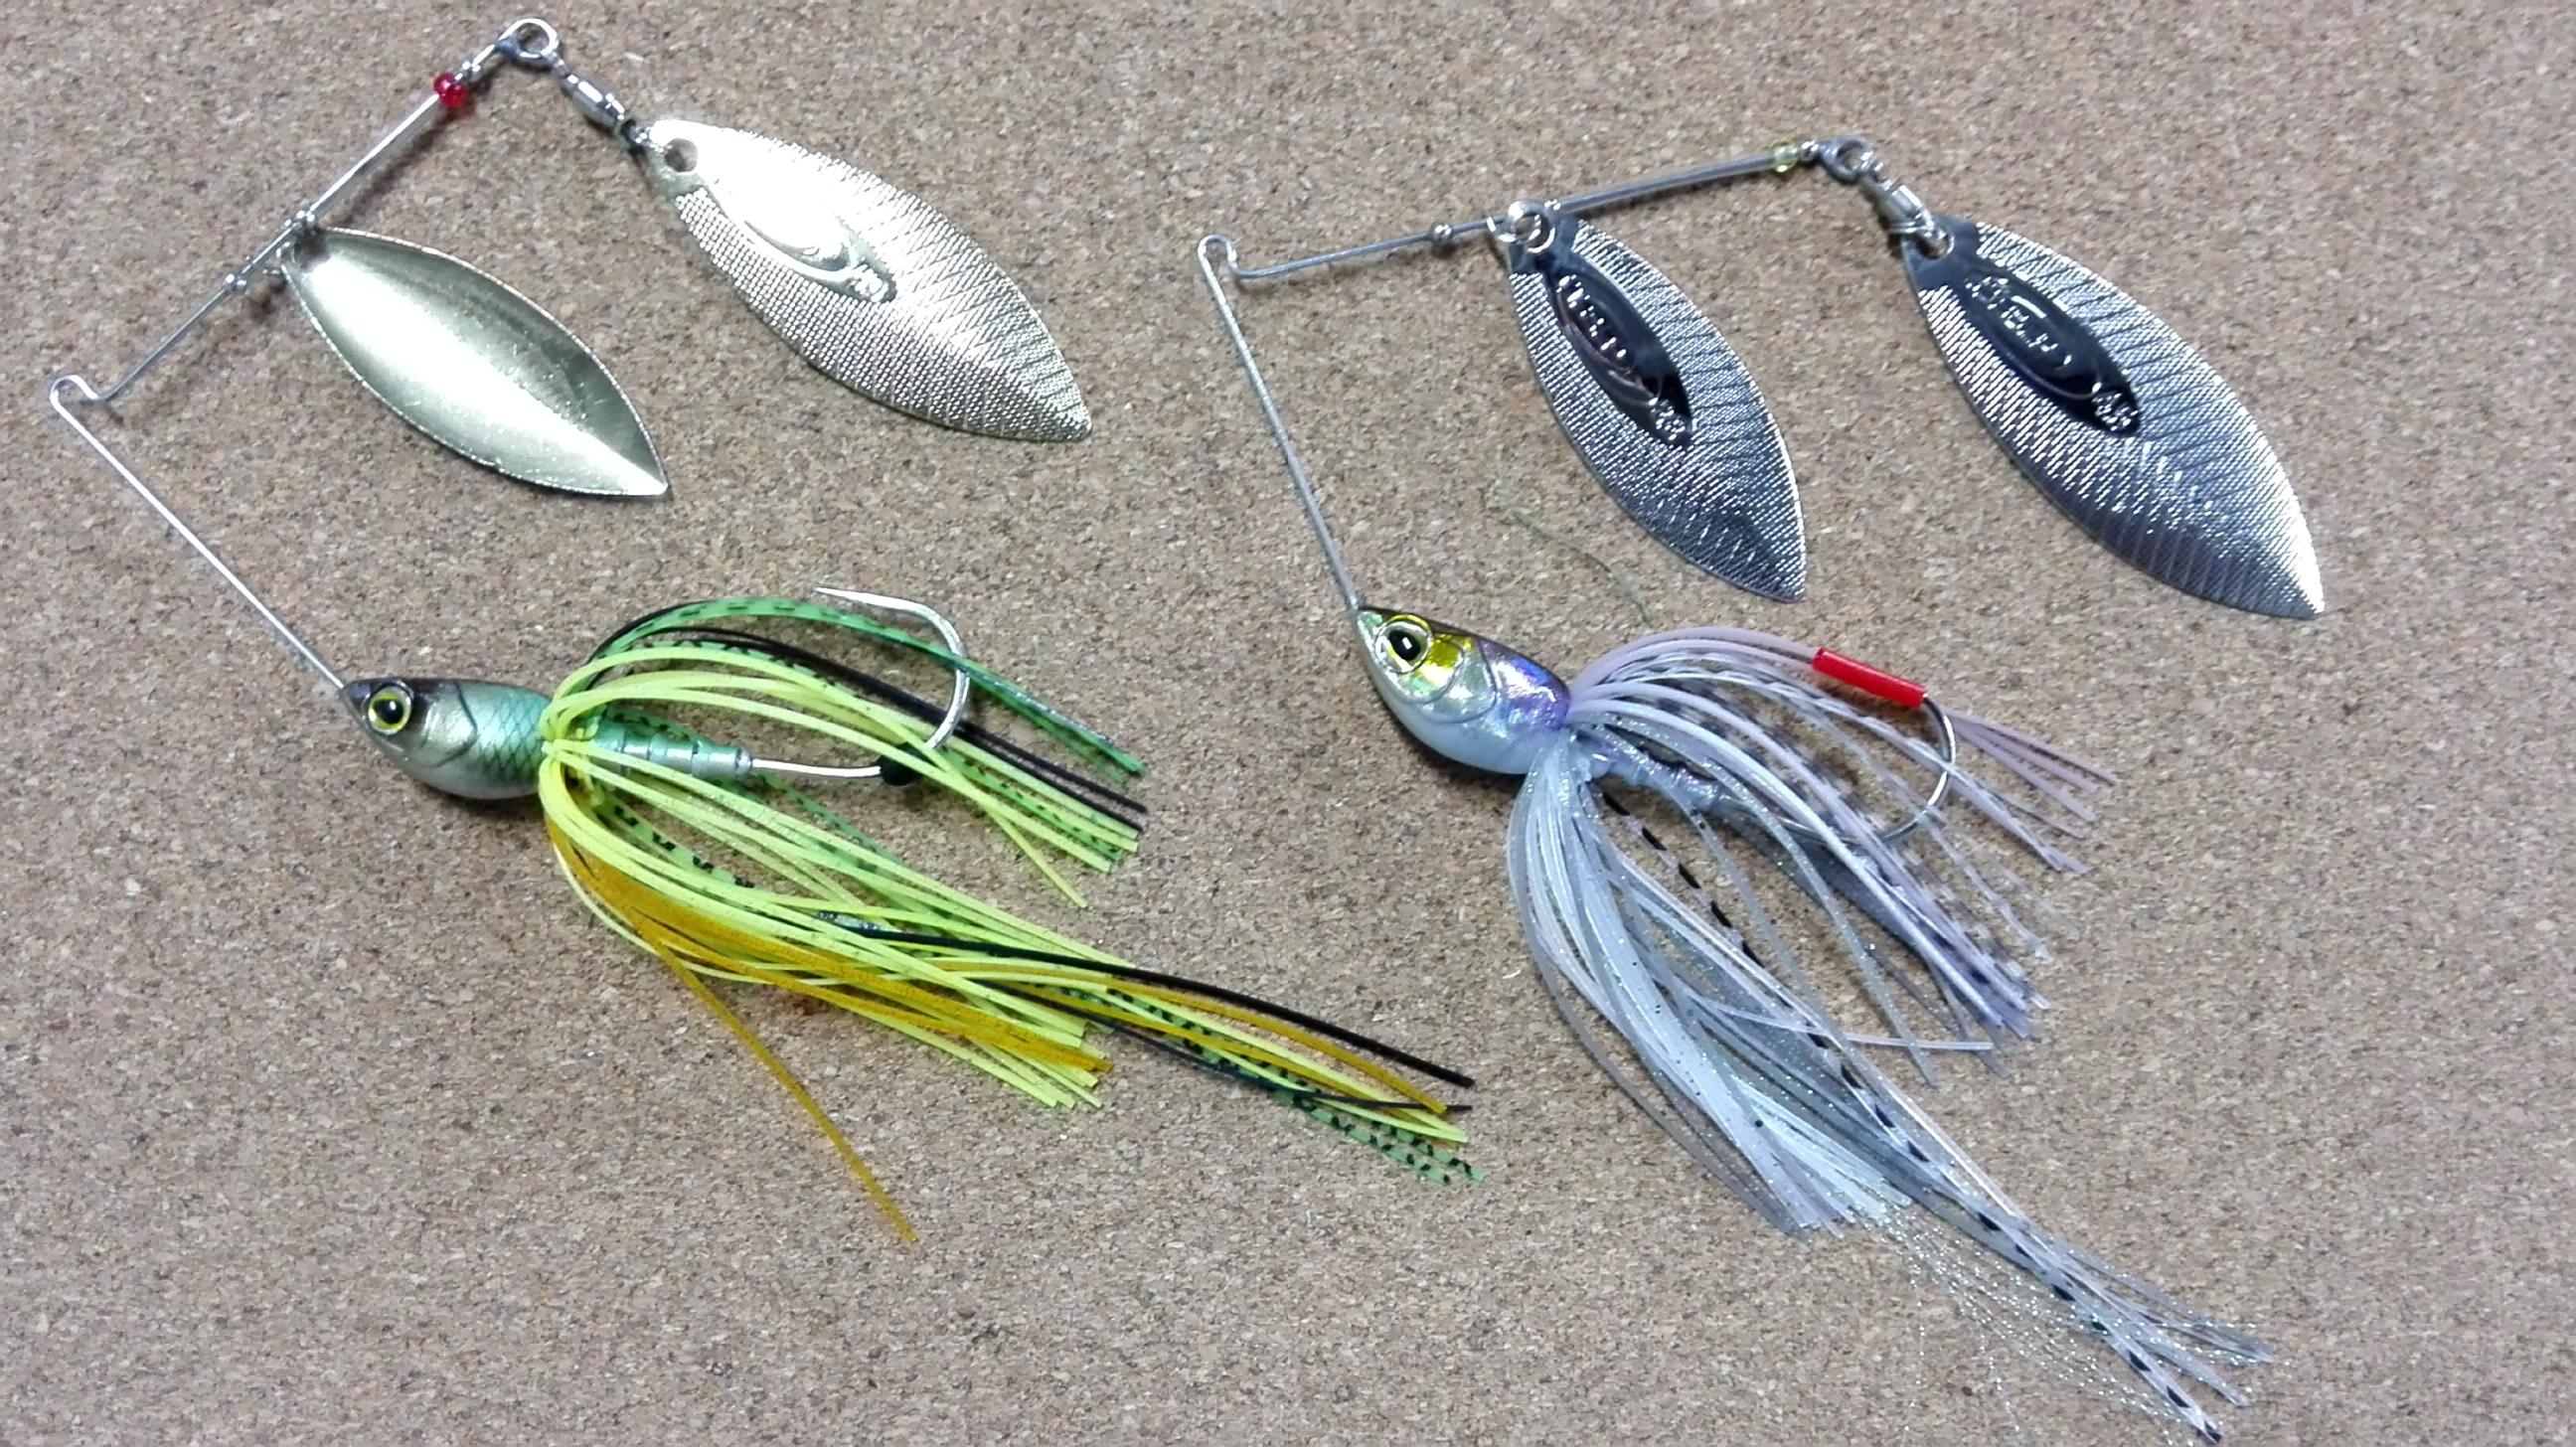 琵琶湖オープン最終戦でロクマル!ハイピッチャーMAXはなぜ釣れるのか?